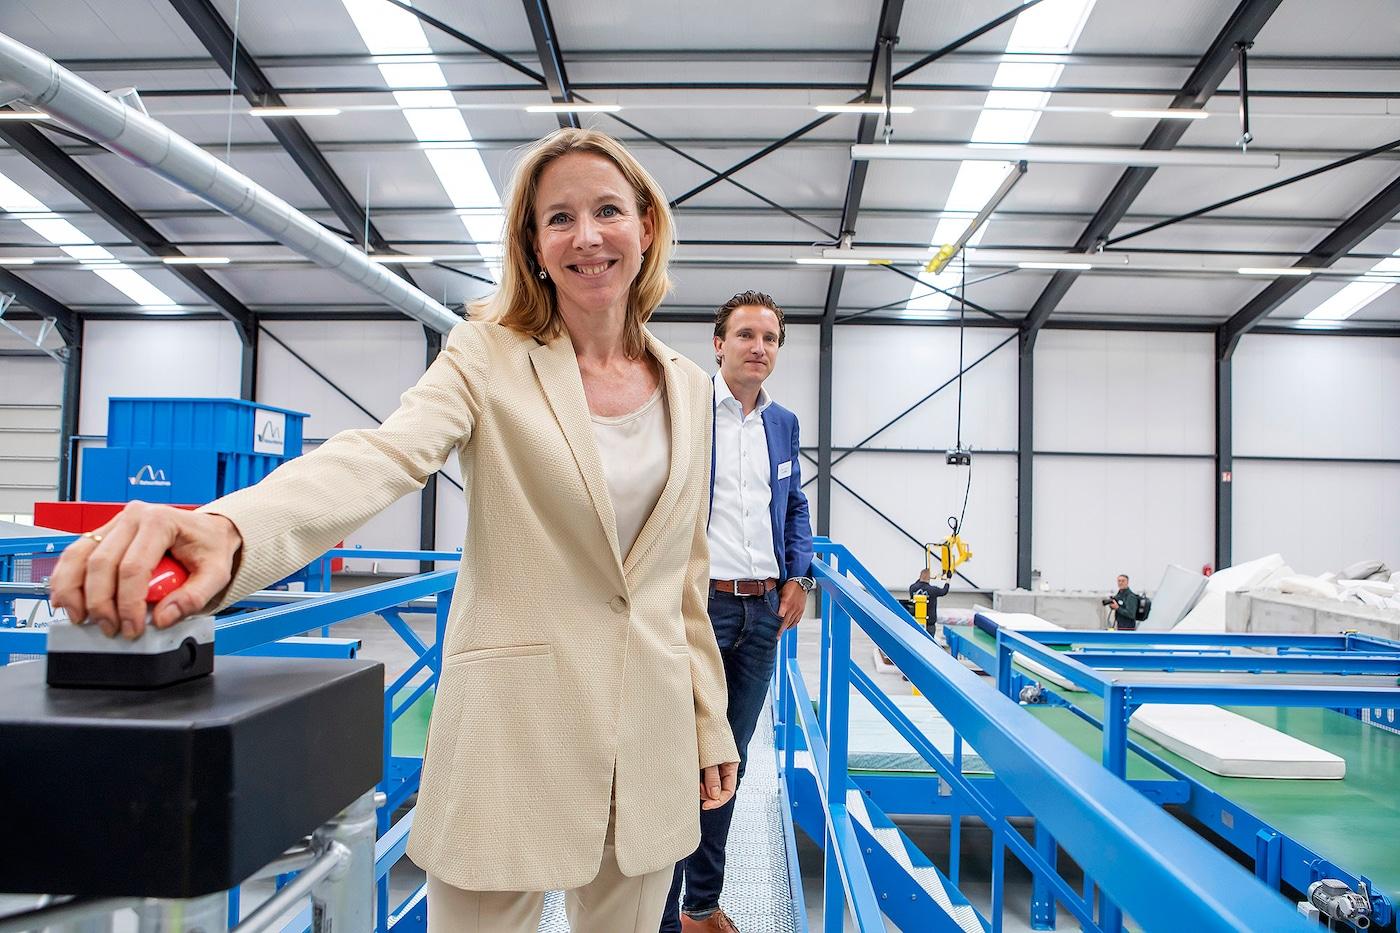 Staatssecretaris Van Veldhoven opent vierde matrasrecyclingfabriek RetourMatras tot stand gekomen door de hechte samenwerking tussen RetourMatras, IKEA, Renewi en Ikano Industry.